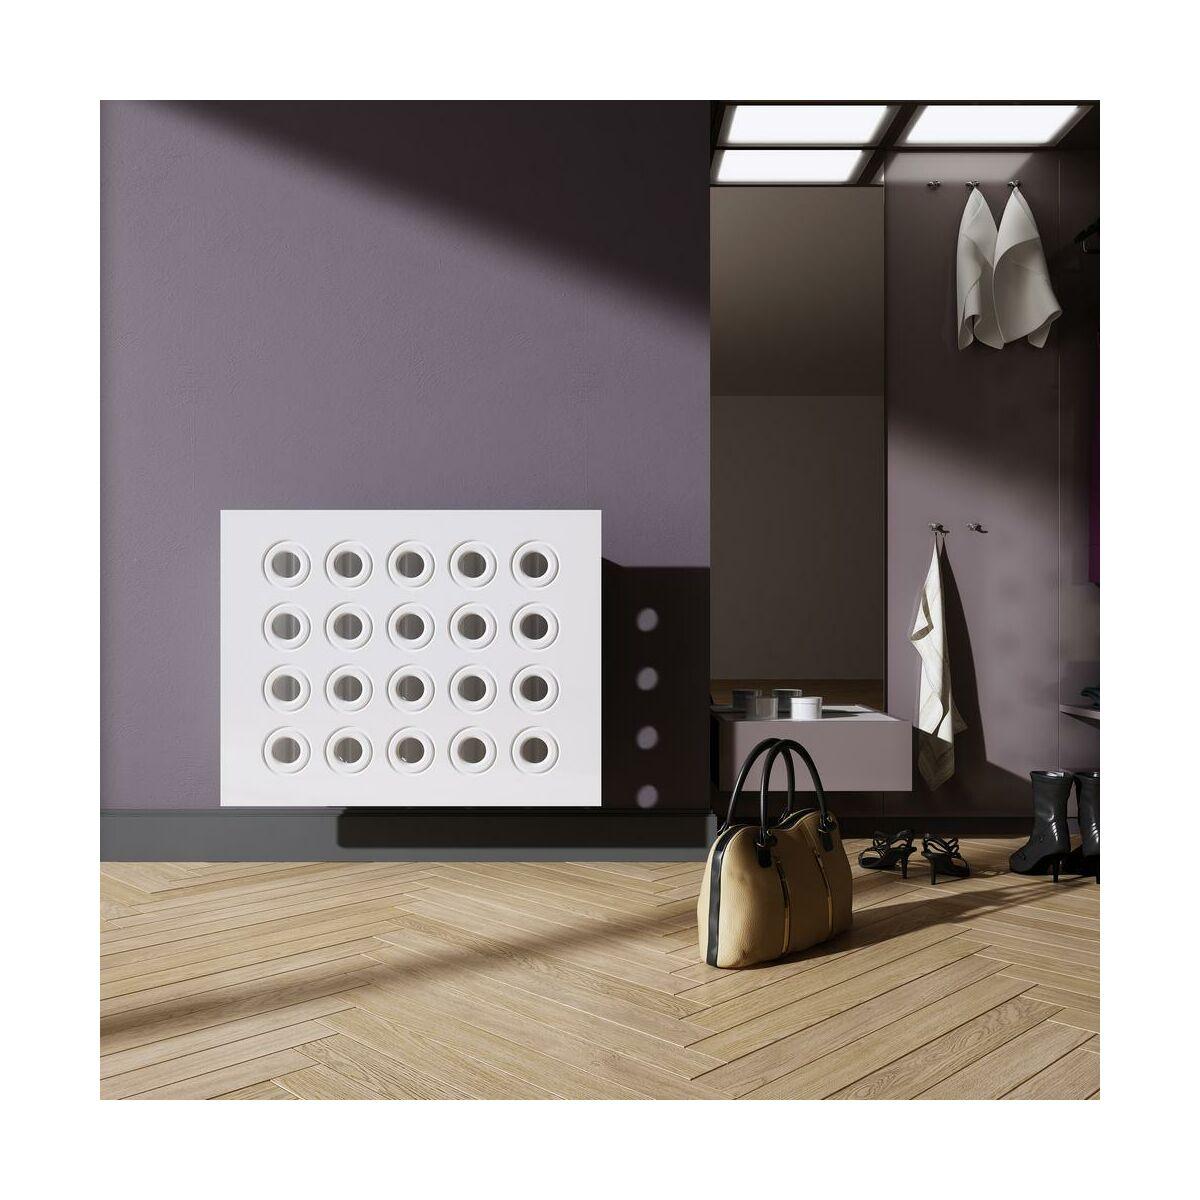 maskownica grzejnikowa rings proform sprawd opinie w leroy merlin. Black Bedroom Furniture Sets. Home Design Ideas